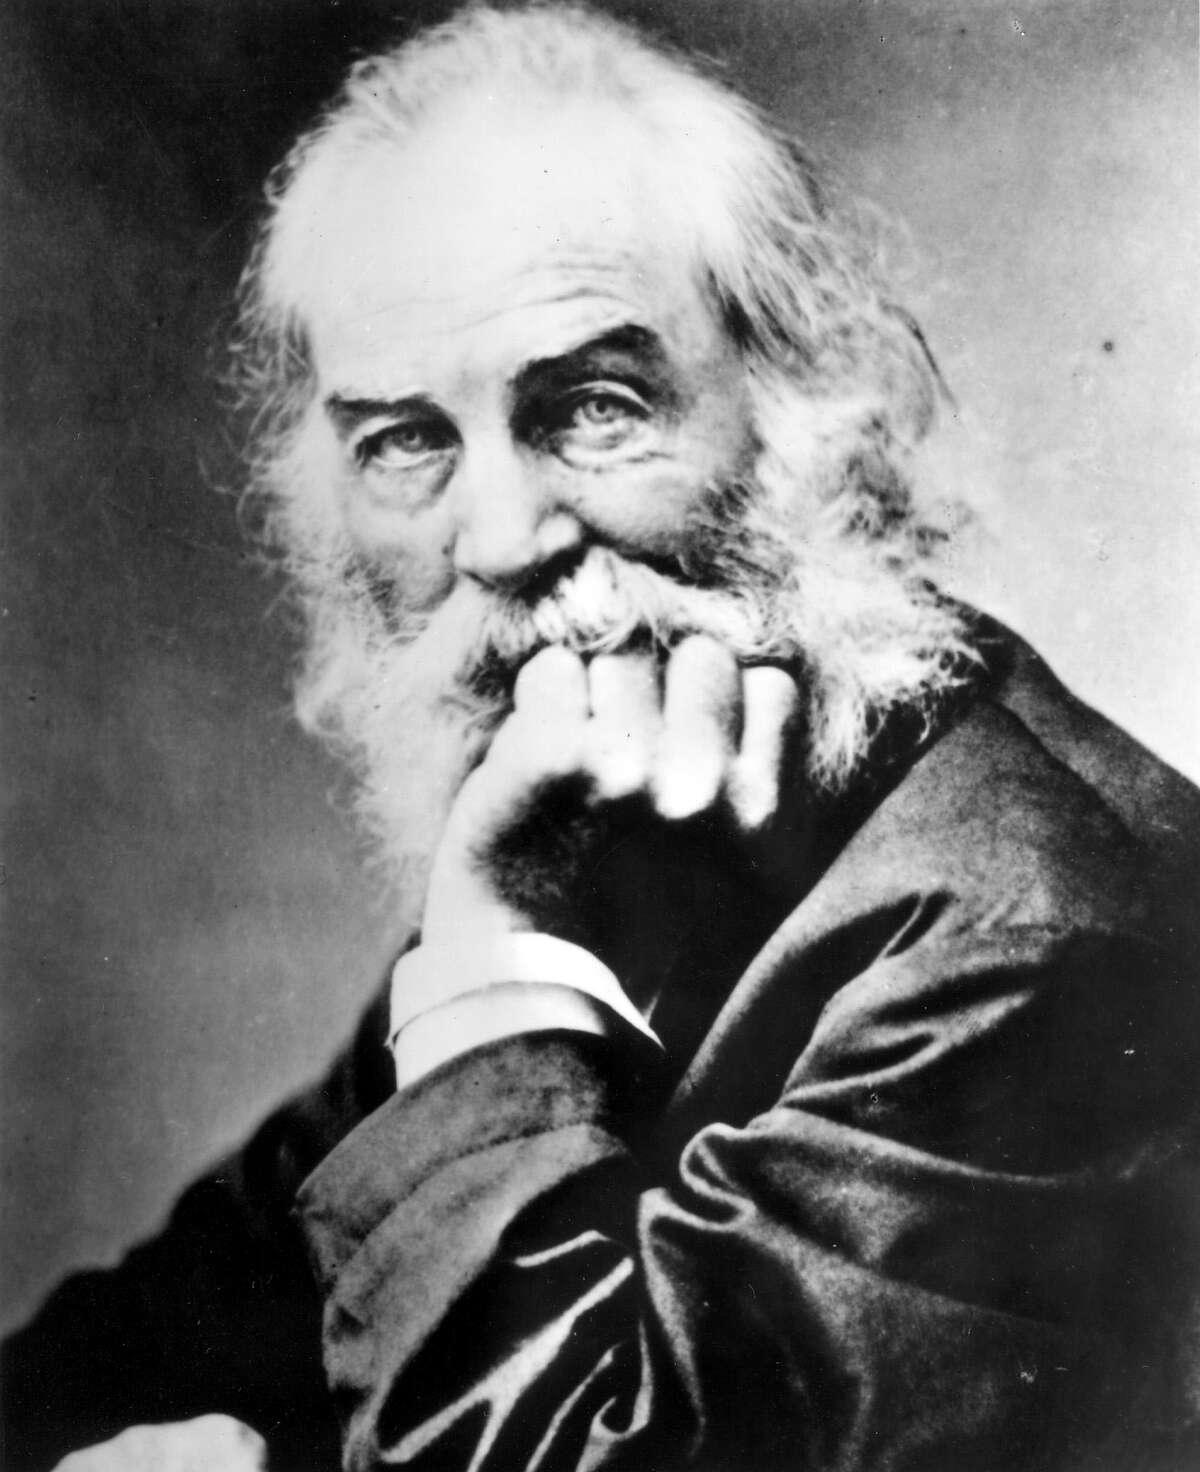 Walt Whitman, poet, died in Camden, N.J. on March 26, 1892.